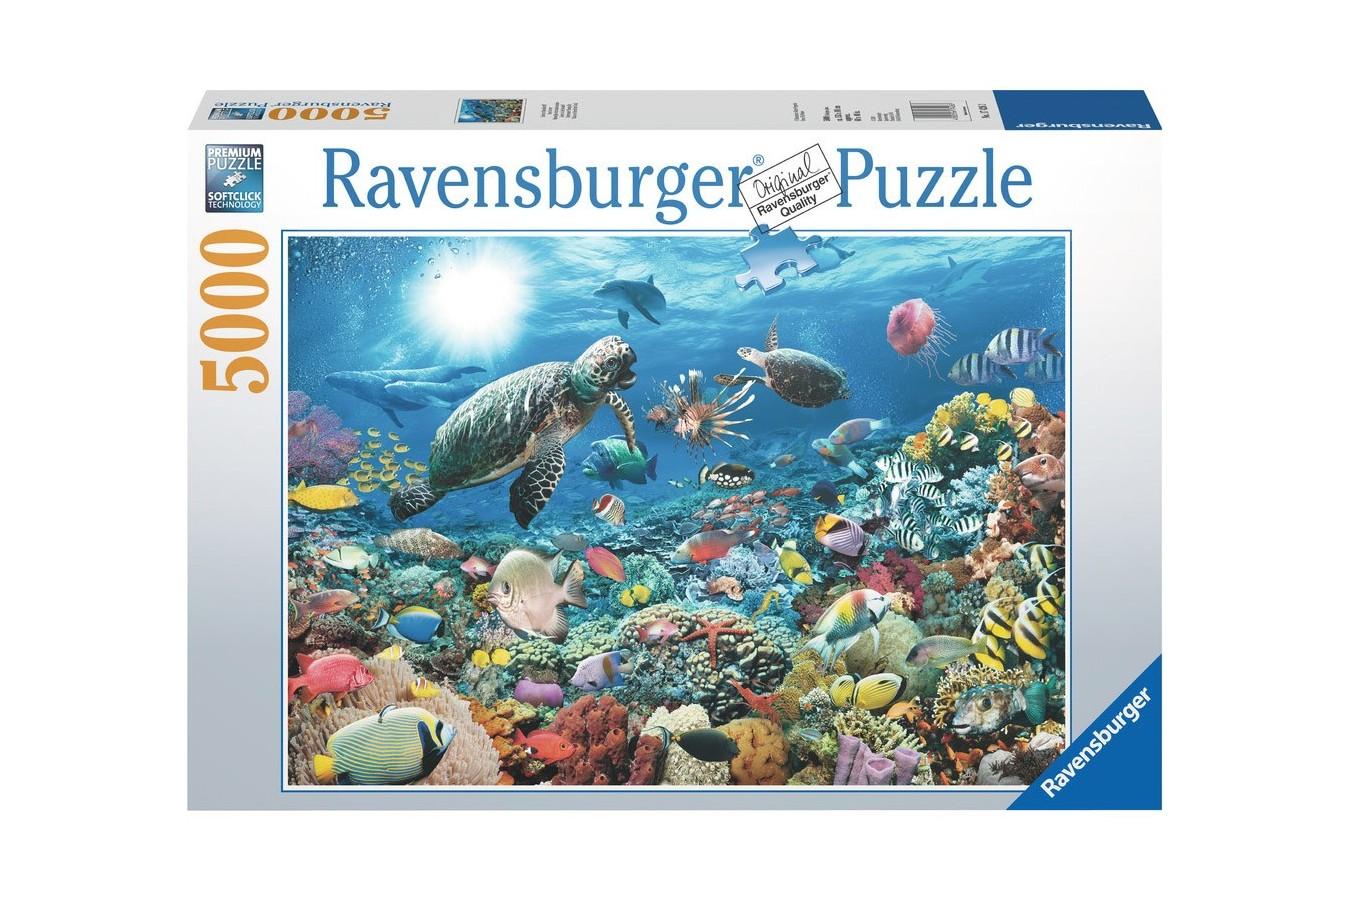 Puzzle Ravensburger - Adancul Marii, 5.000 piese (17426)